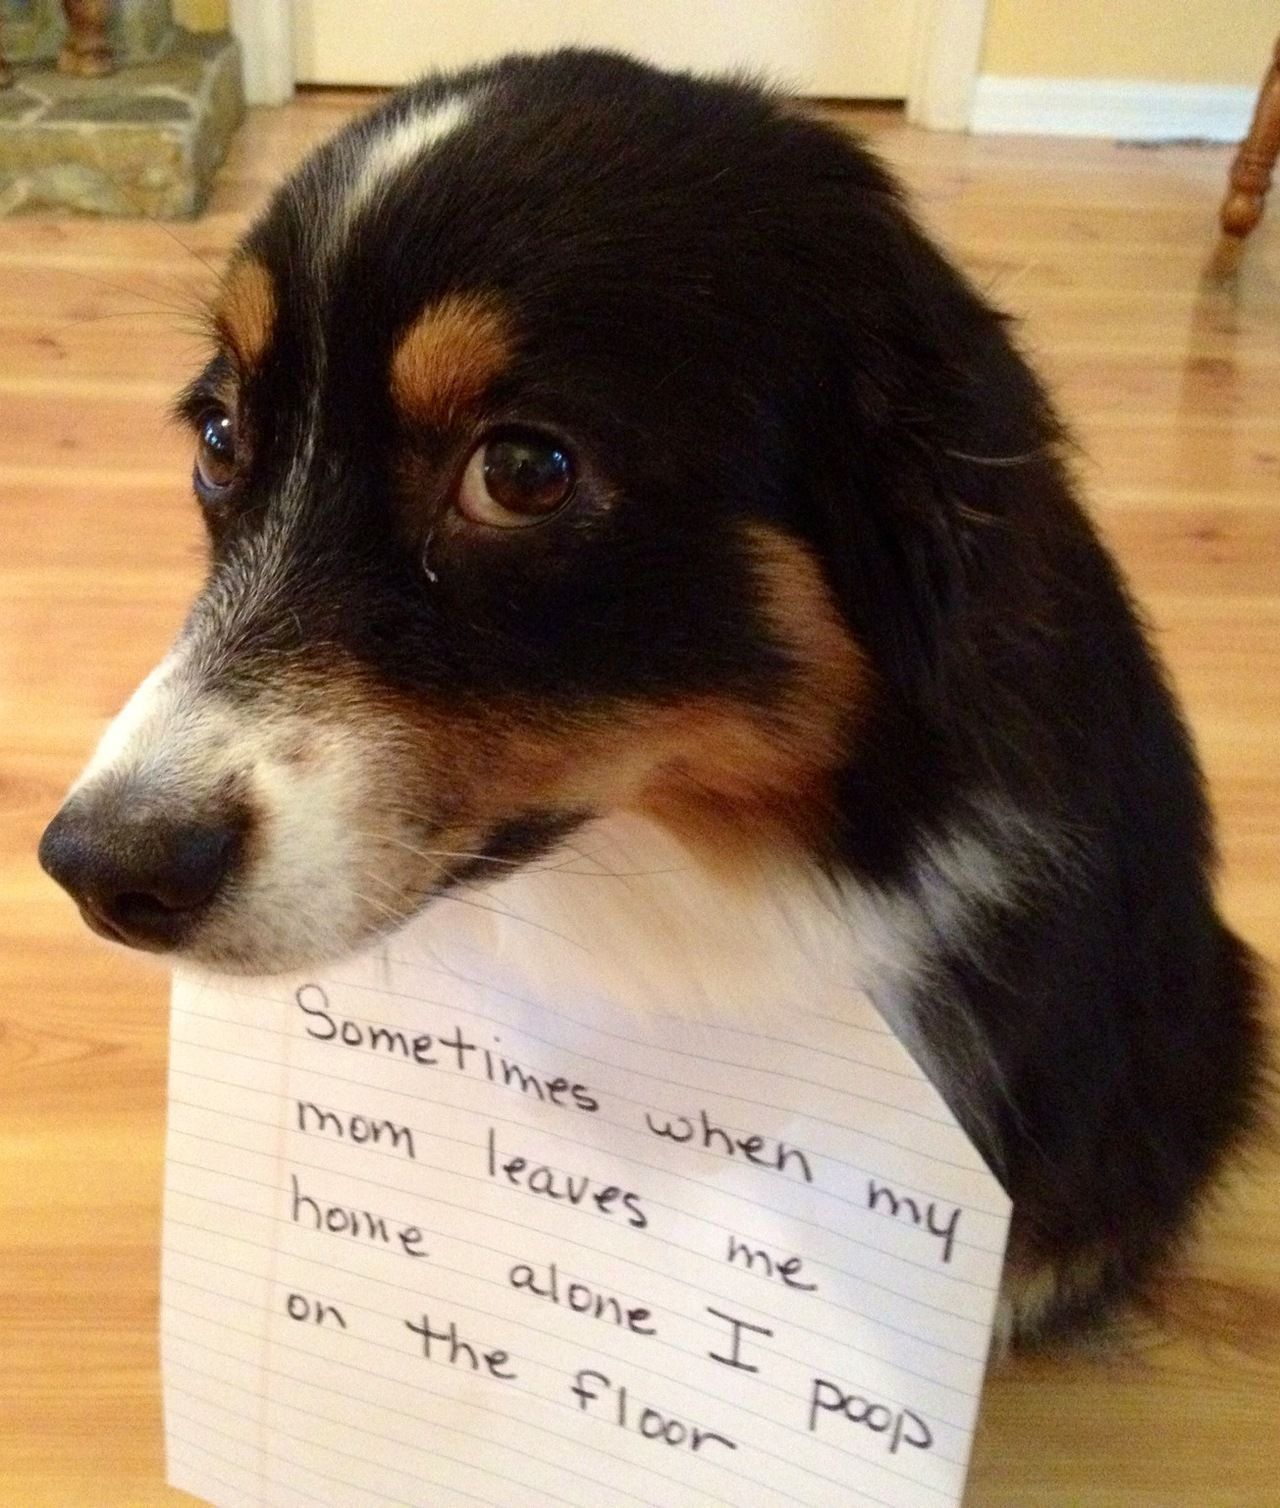 Bad Dogs Publicly Shamed